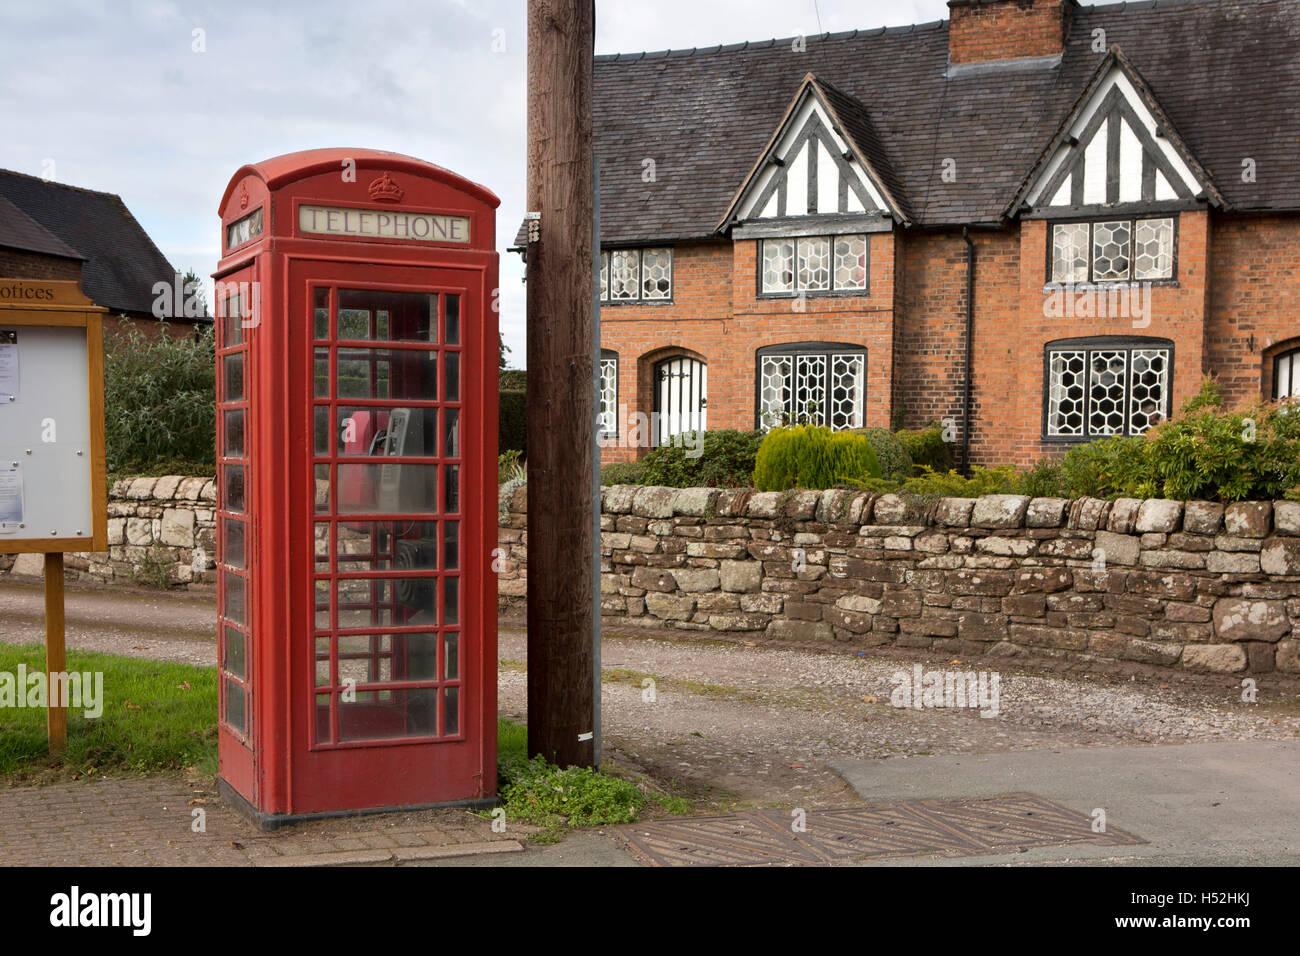 UK, England, Cheshire, Tiverton, Huxley Lane, K6 Phone box beside cottages with hexagonal panel windows - Stock Image